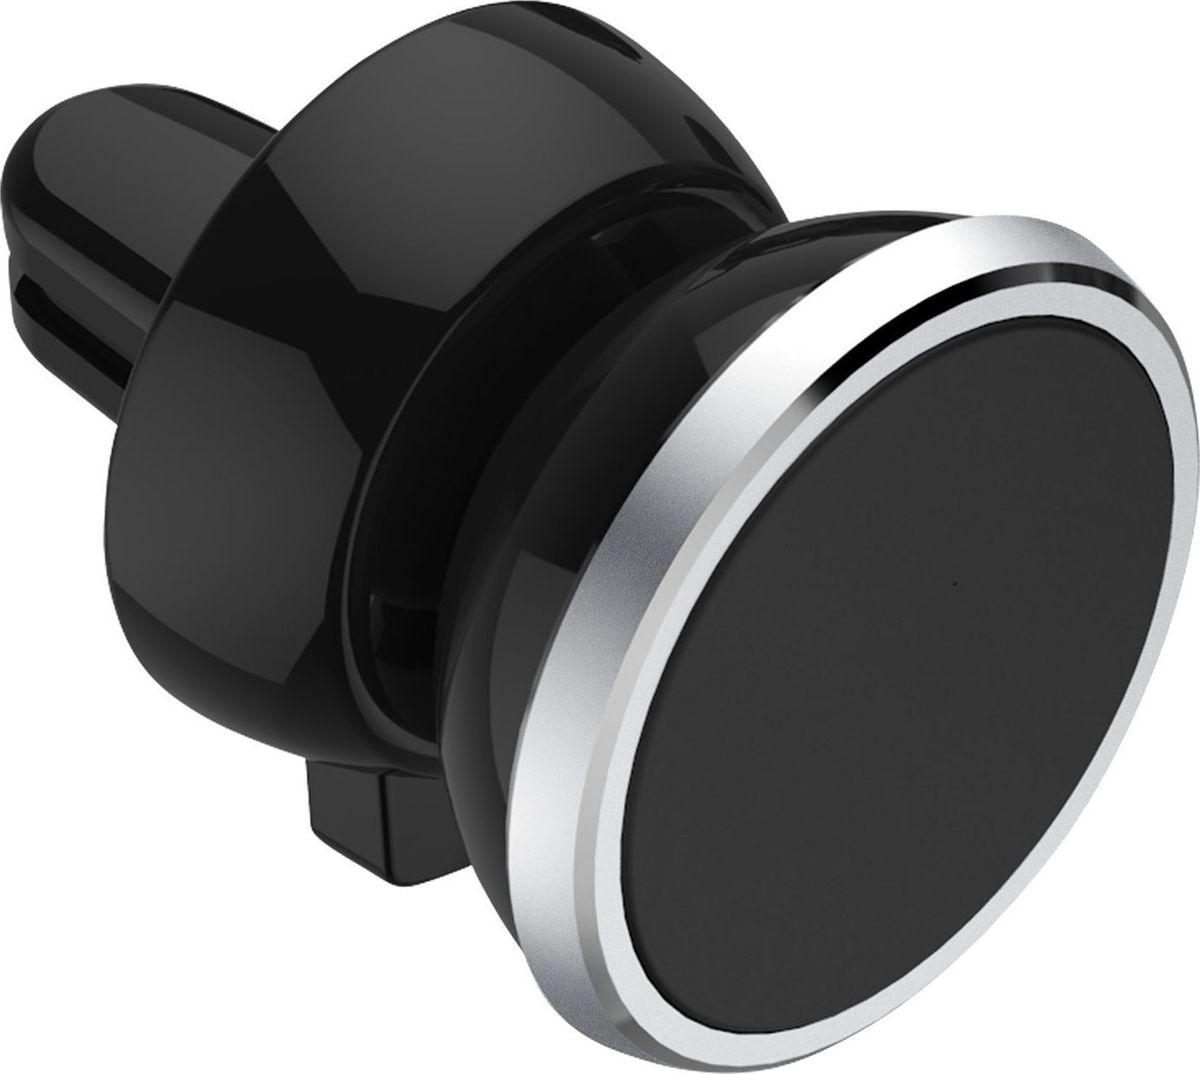 Держатель автомобильный AM, для телефона, магнитный, цвет: черный держатель для телефона автомобильный на присоске материал пвх цвет черный